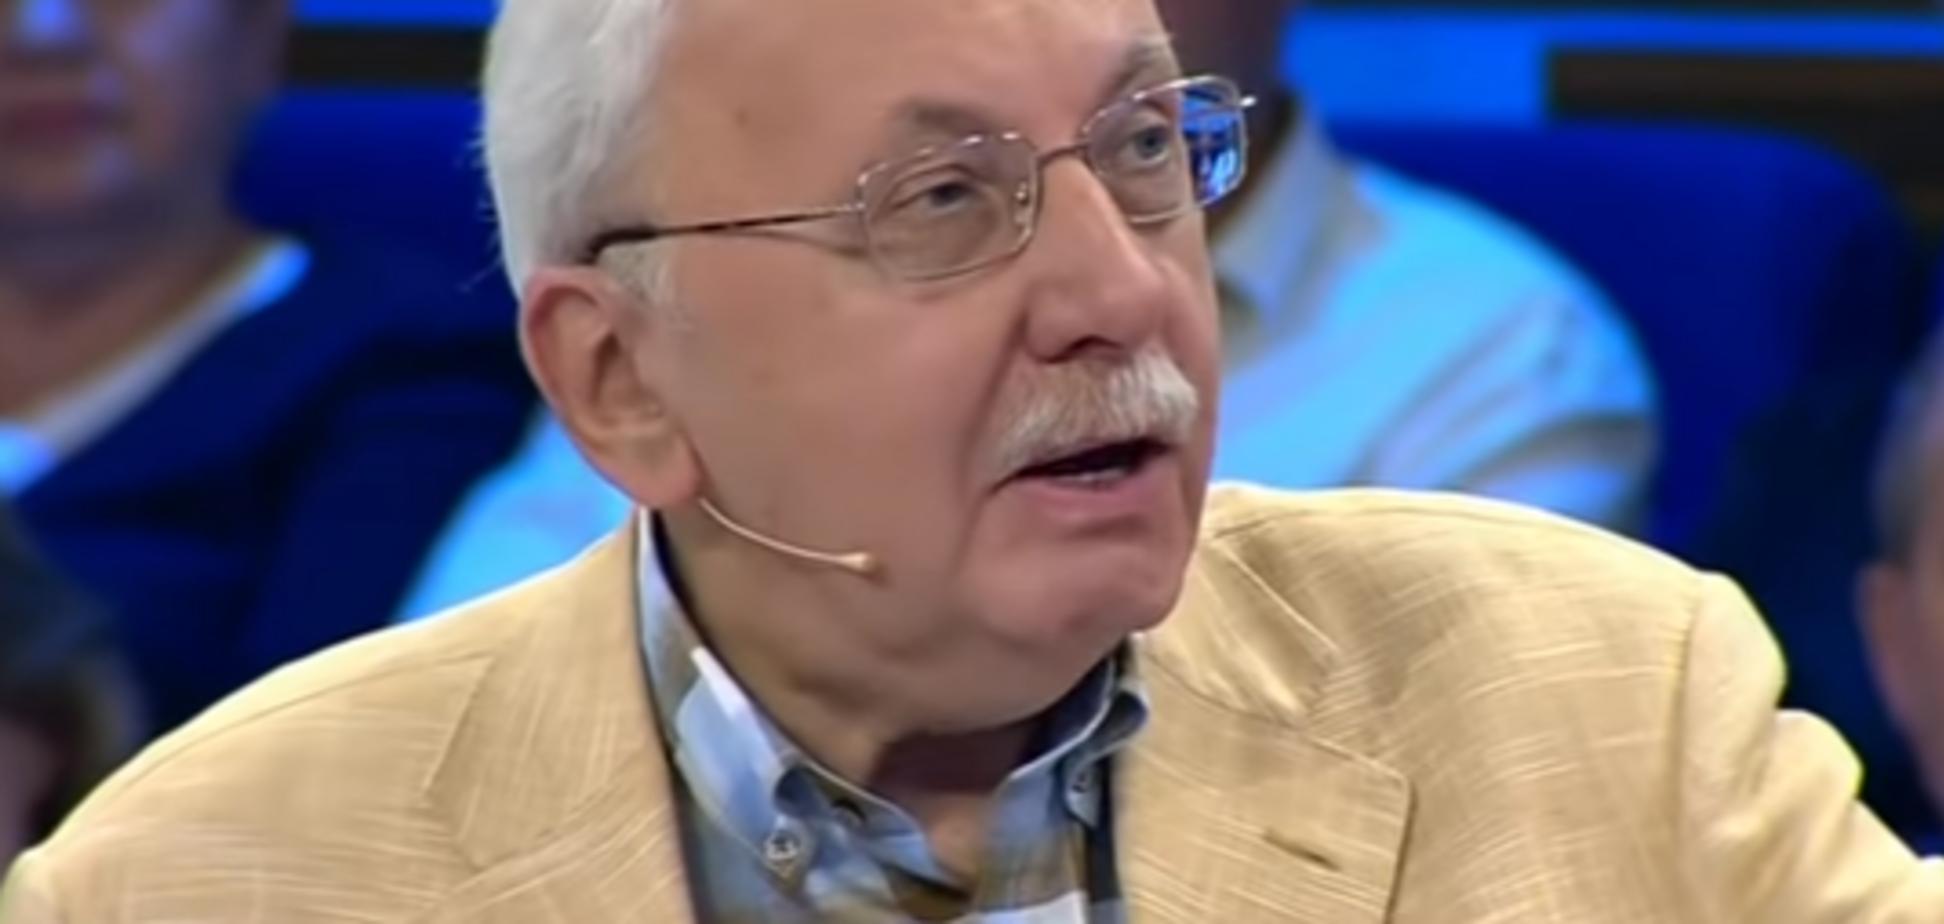 'Досталась случайно': скандальный декан МГУ посягнул на независимость Украины